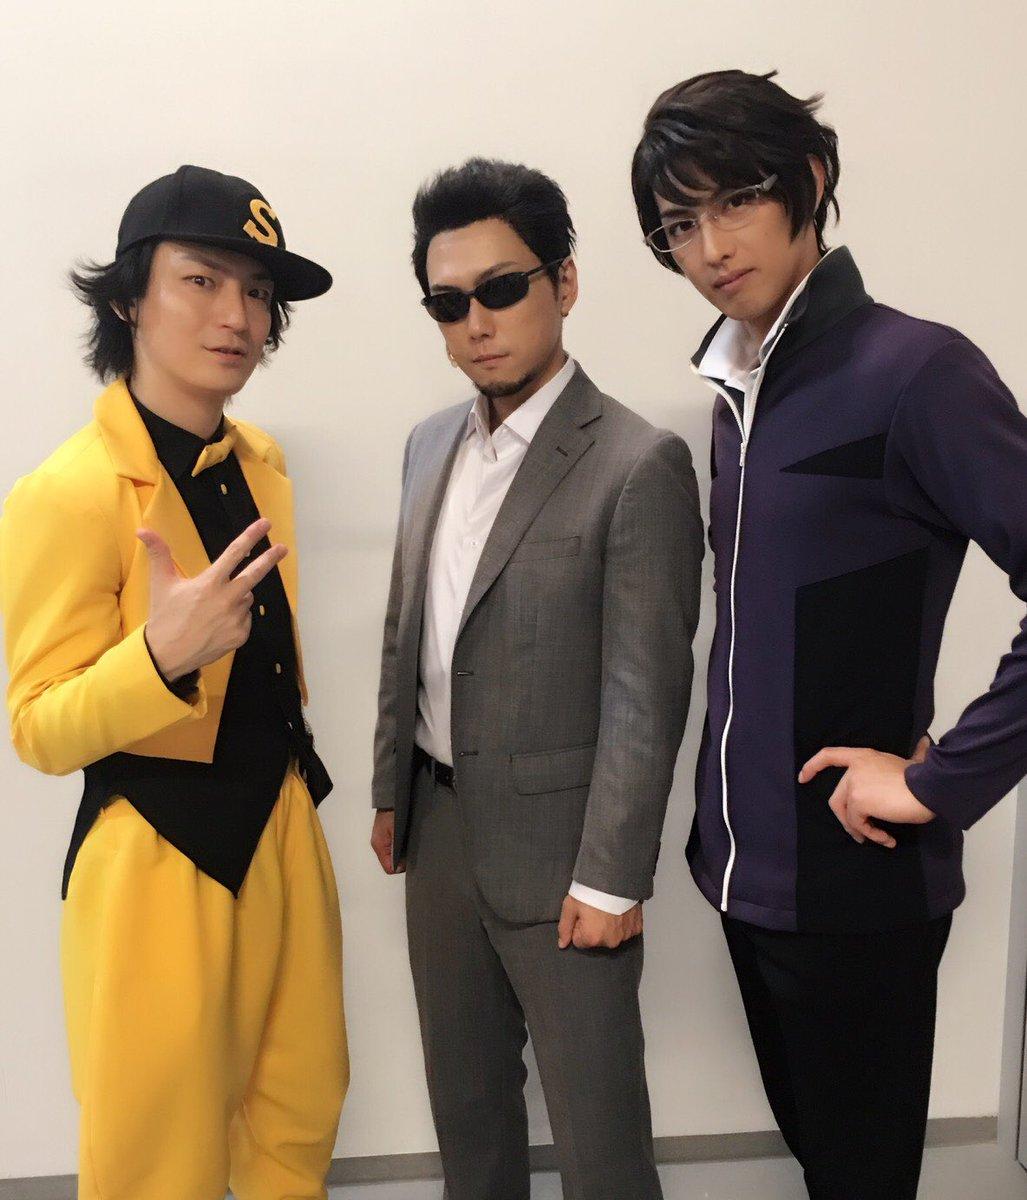 プリンスオブストライドep4東京公演すべて終了しました!皆様ご来場ありがとうございました!熱いEOSでした。ネイキッドス